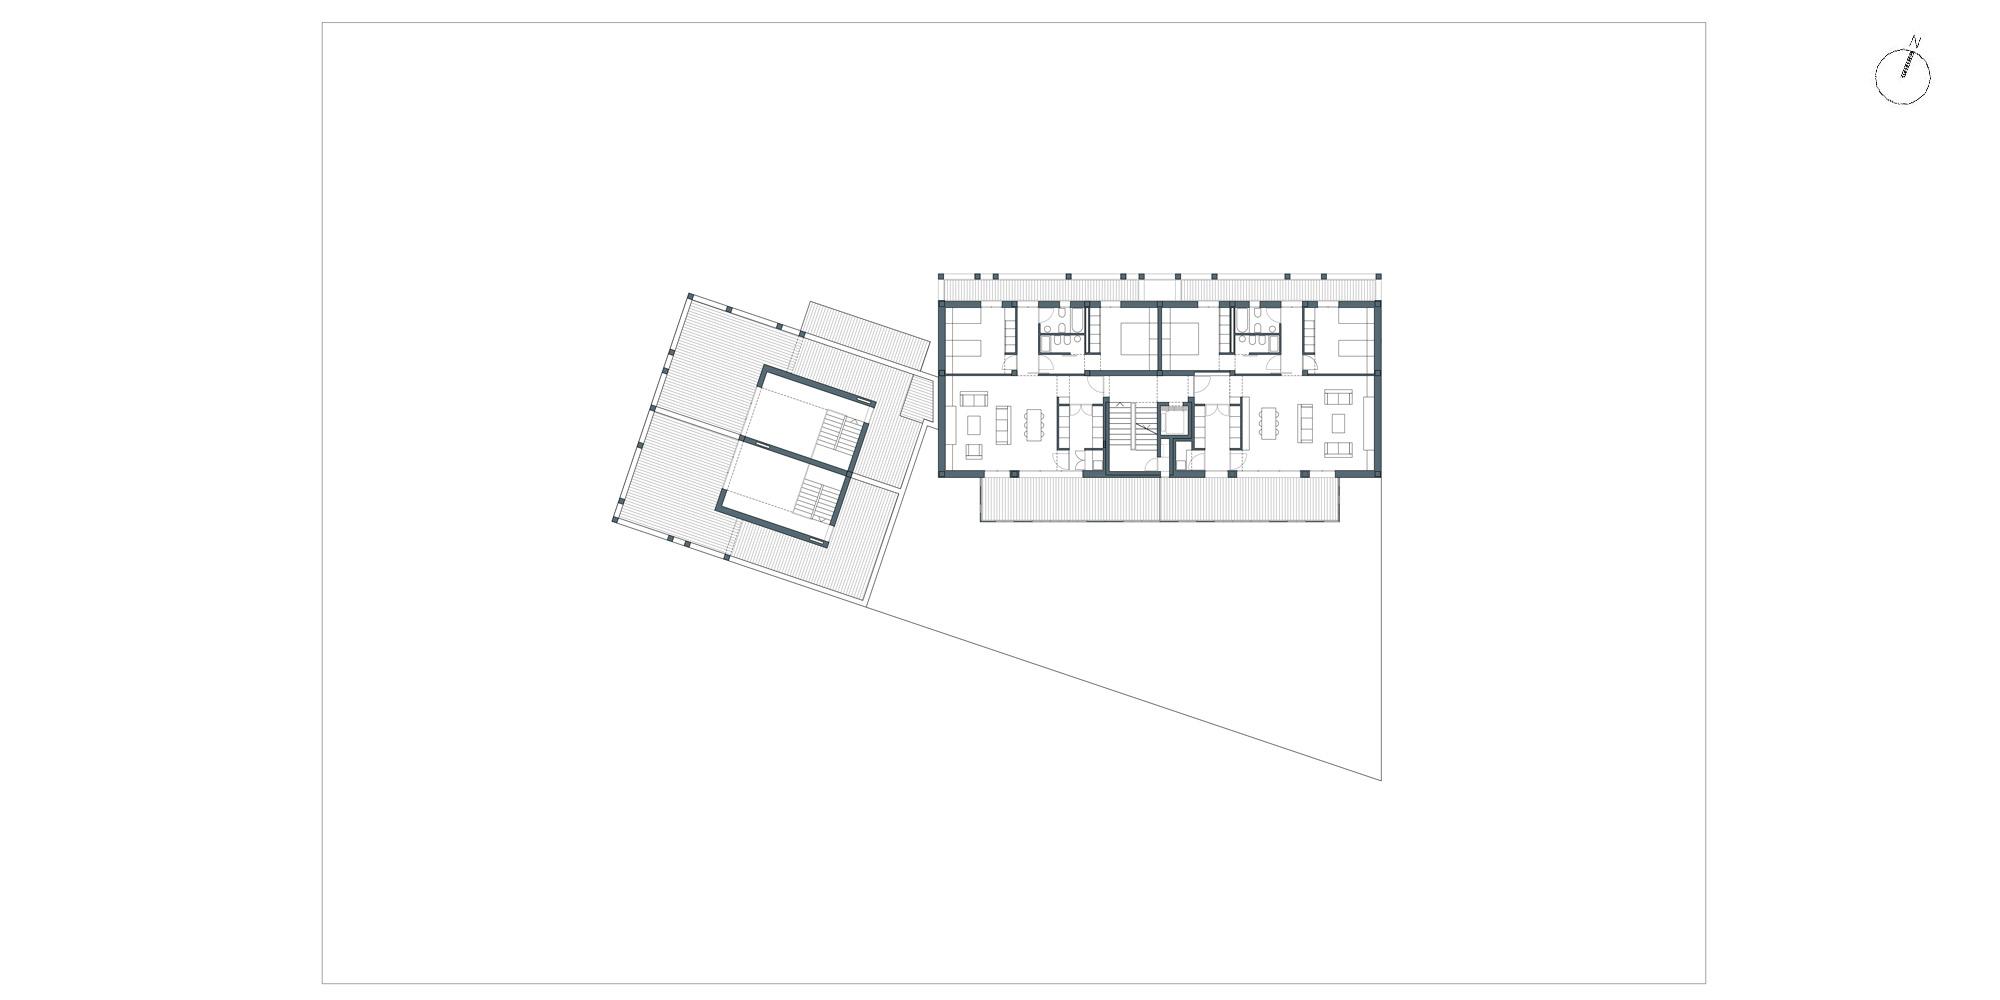 Pianta piano terzo © Netti Architetti